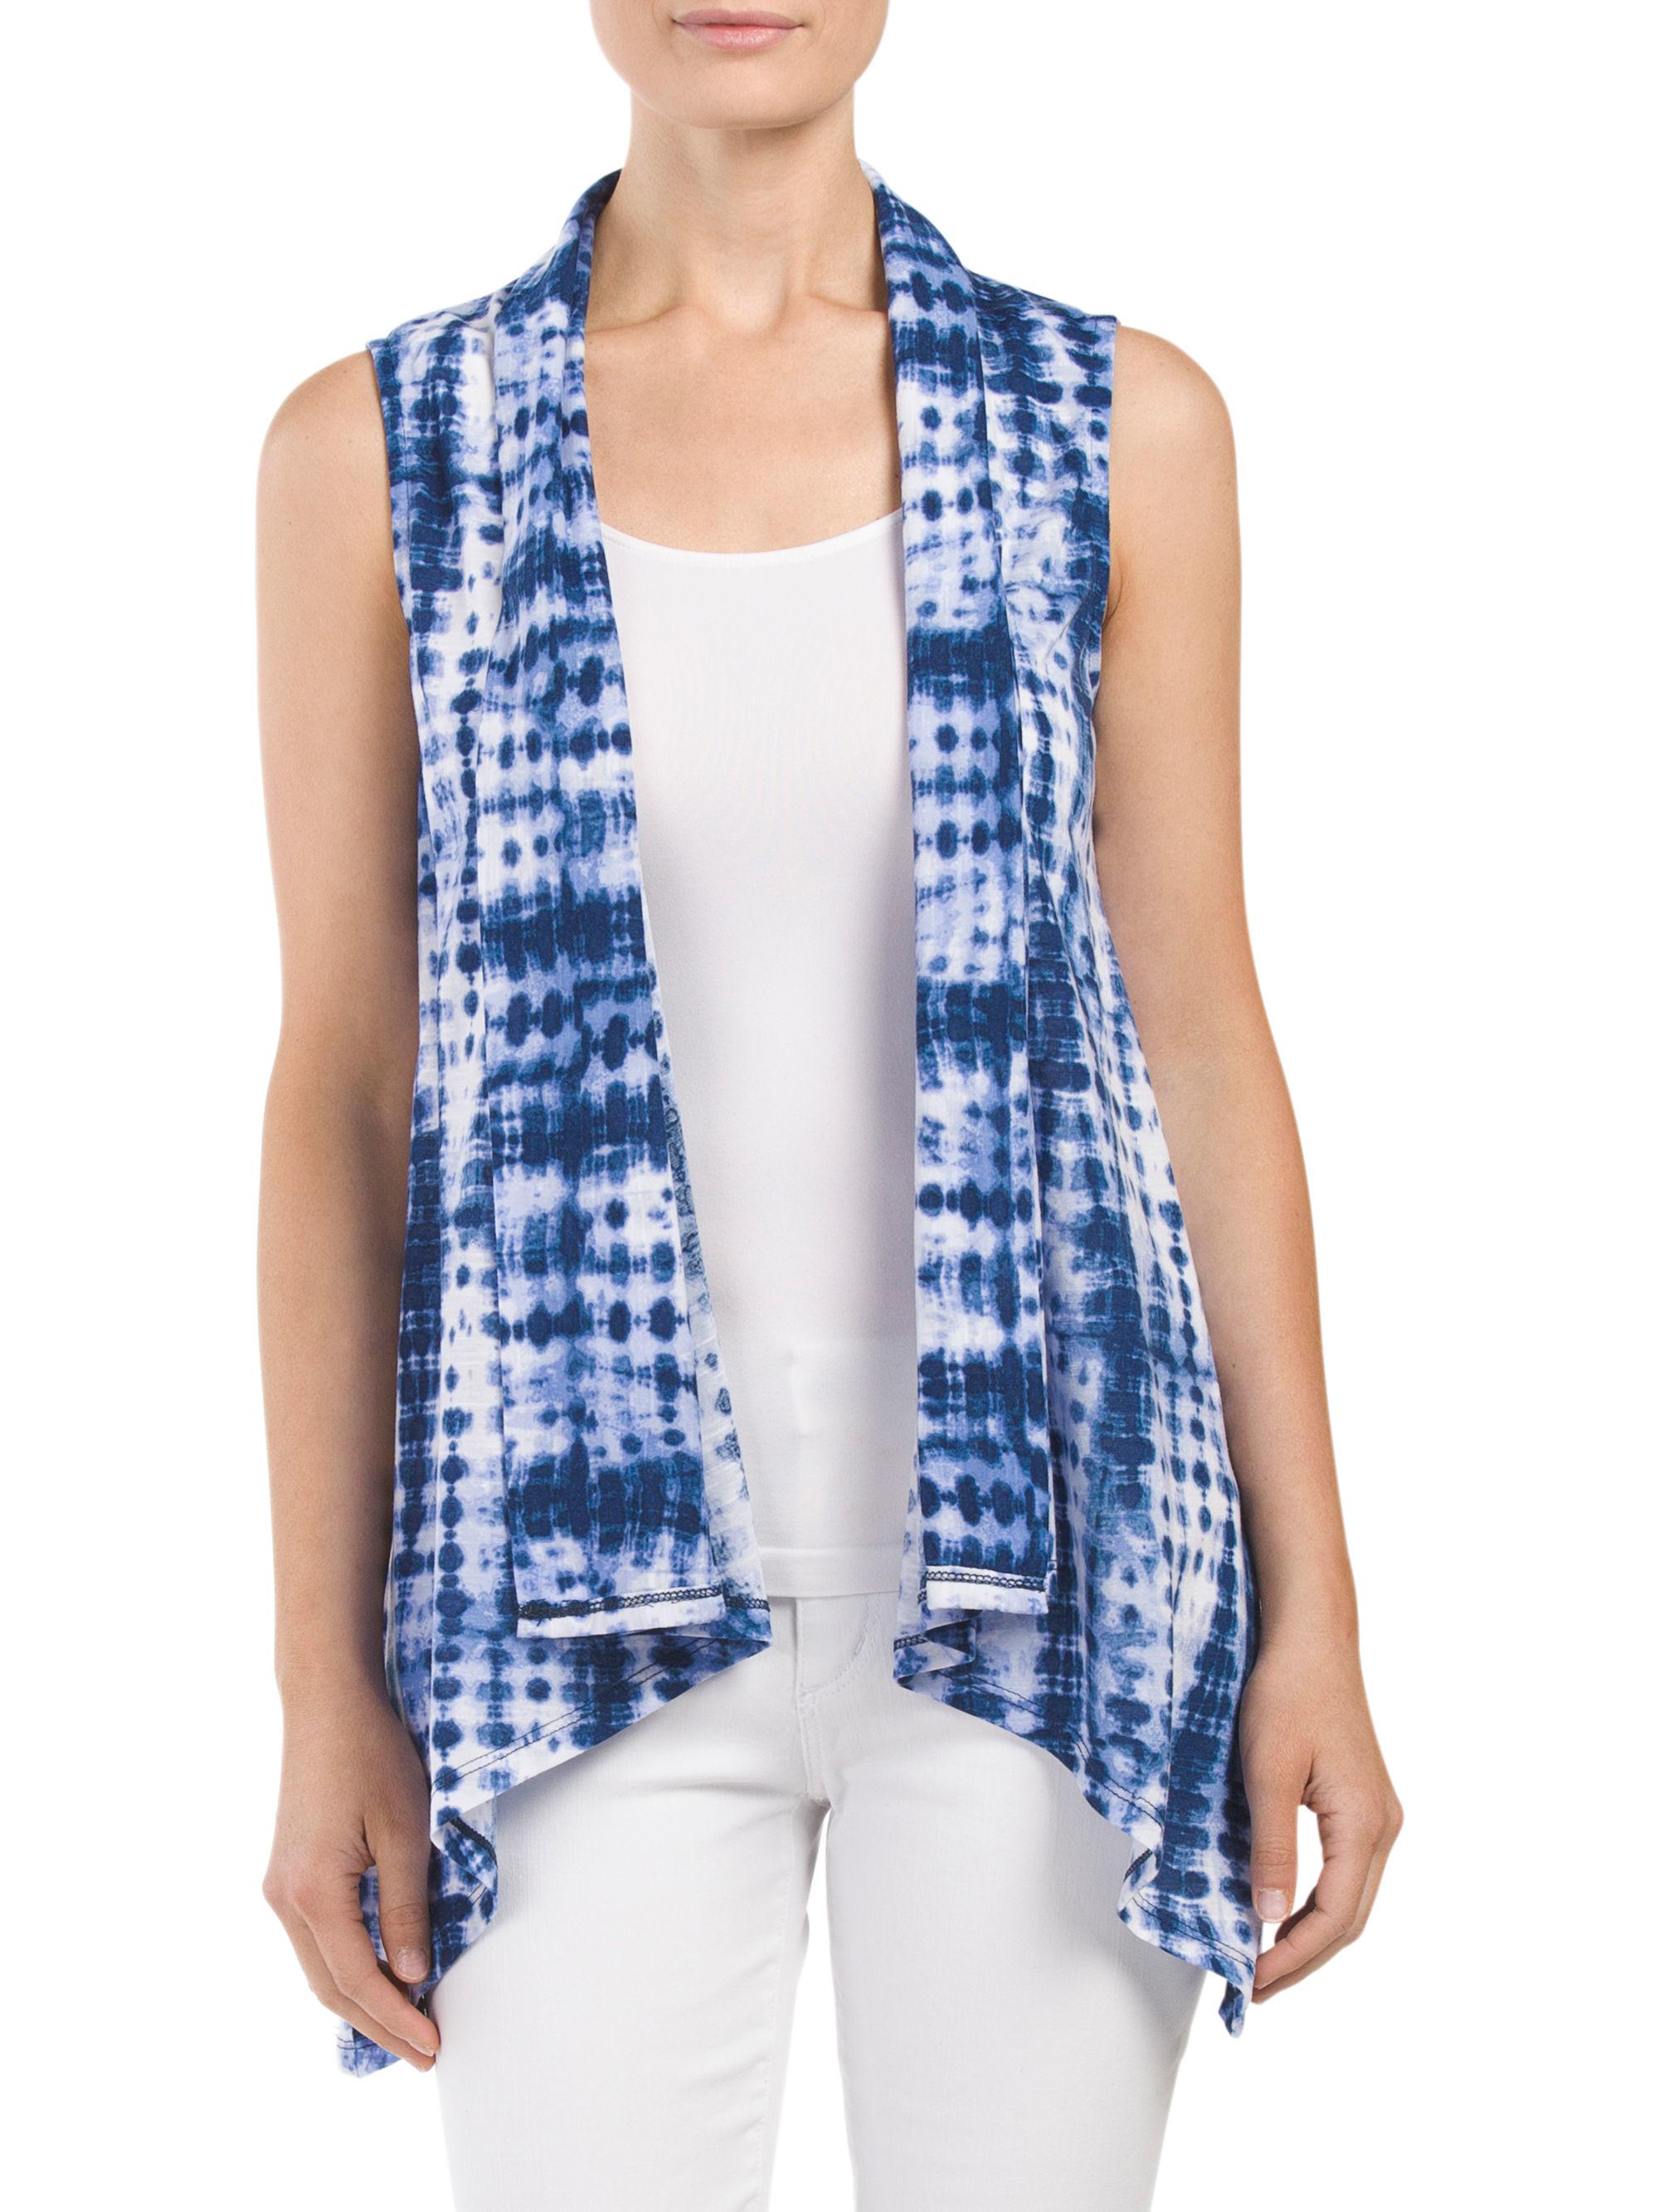 Tj maxx tie dye vest in blue lyst for Tj maxx t shirts